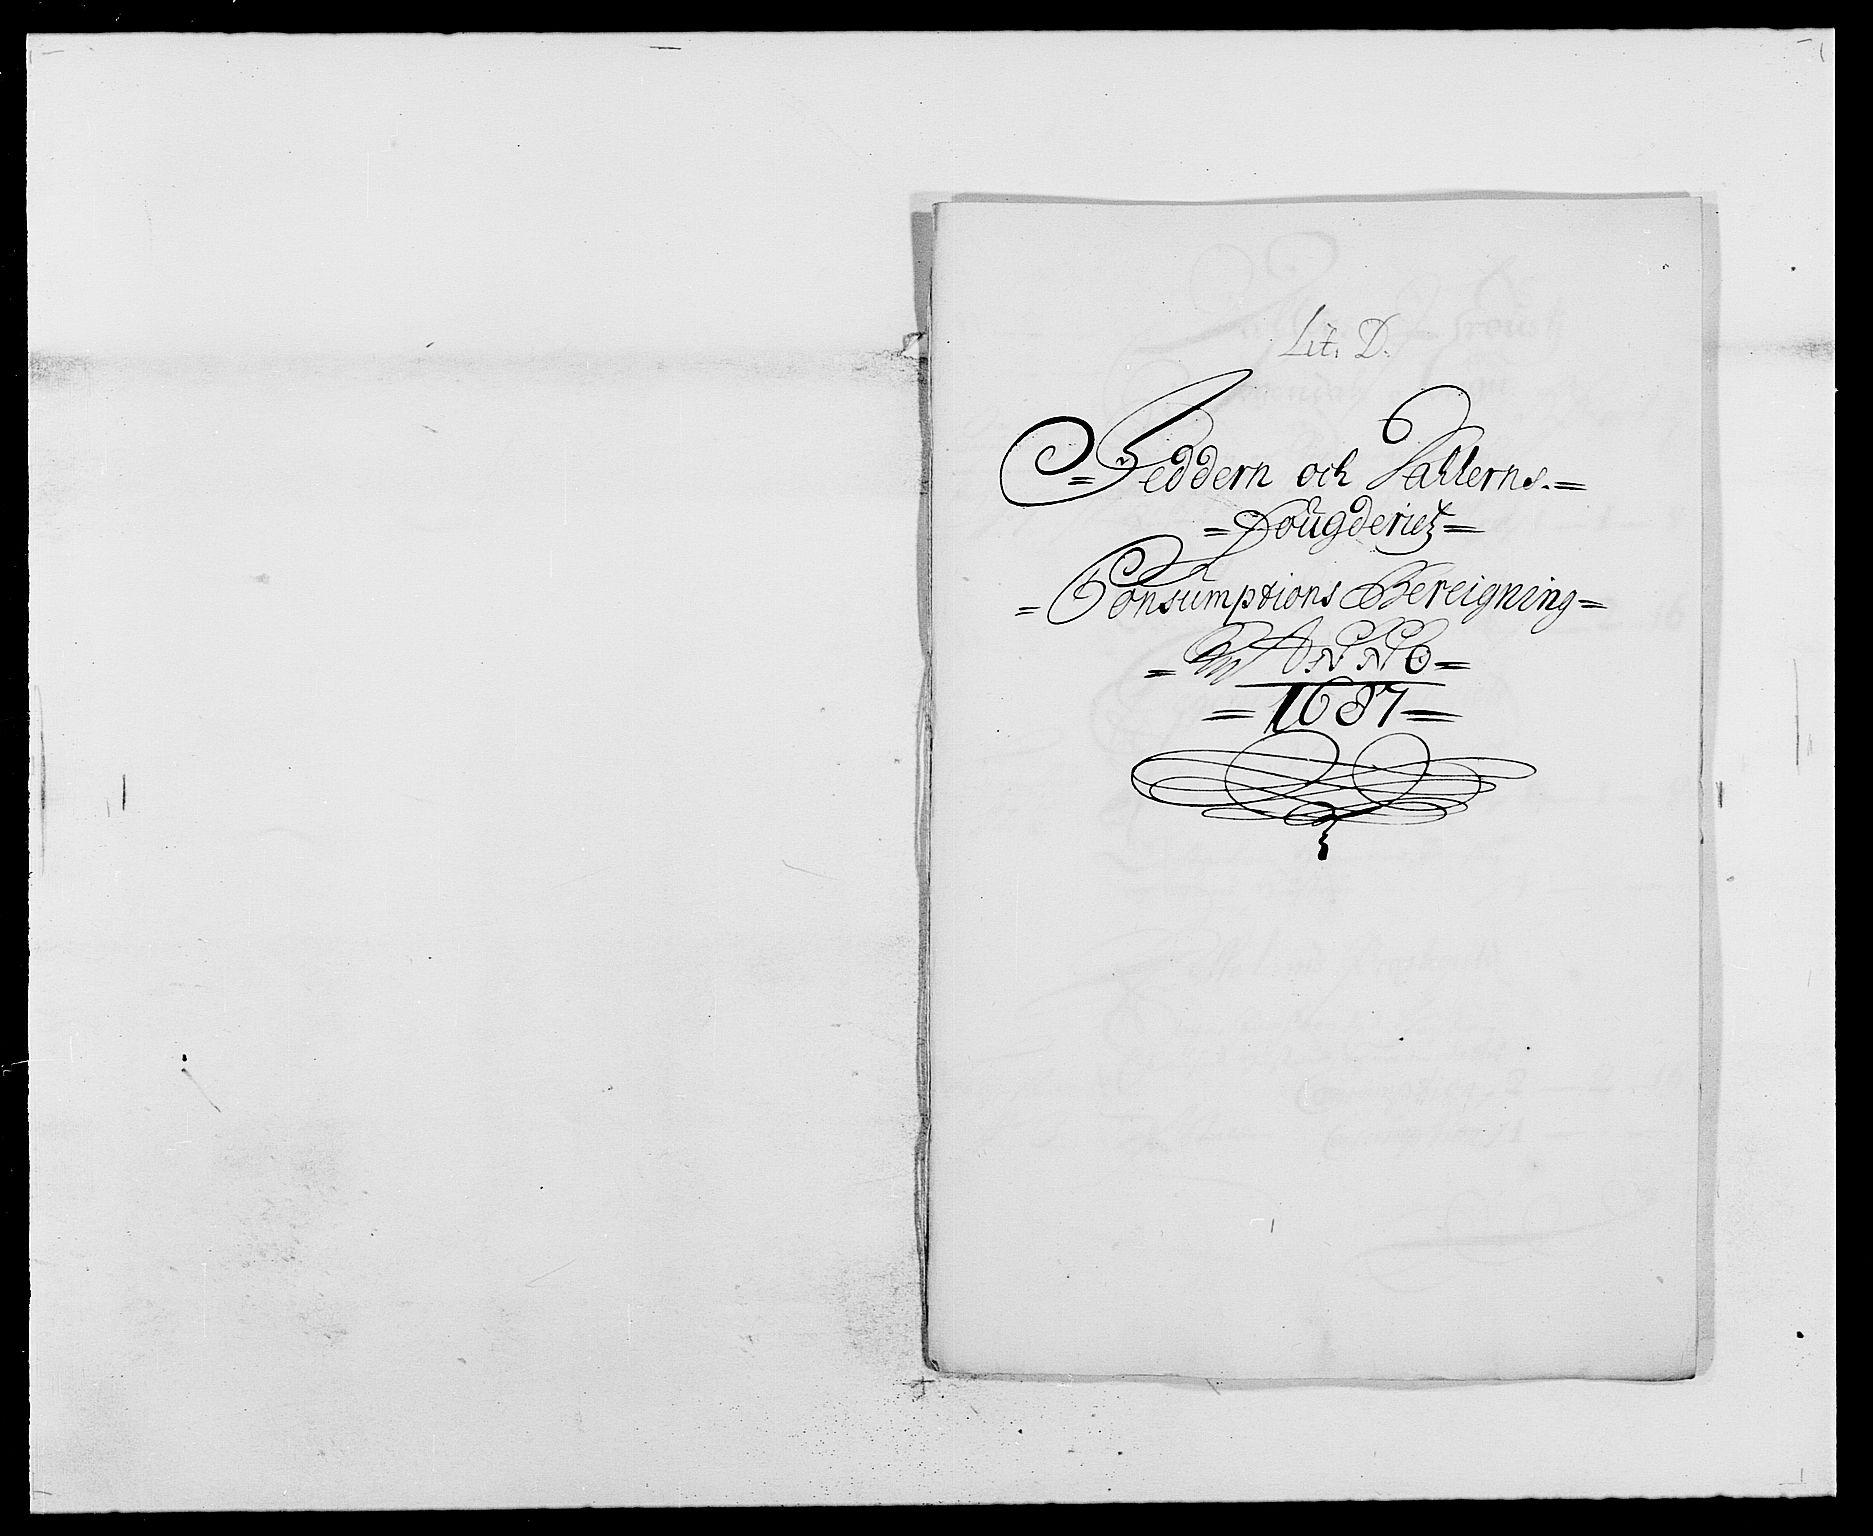 RA, Rentekammeret inntil 1814, Reviderte regnskaper, Fogderegnskap, R46/L2726: Fogderegnskap Jæren og Dalane, 1686-1689, s. 183